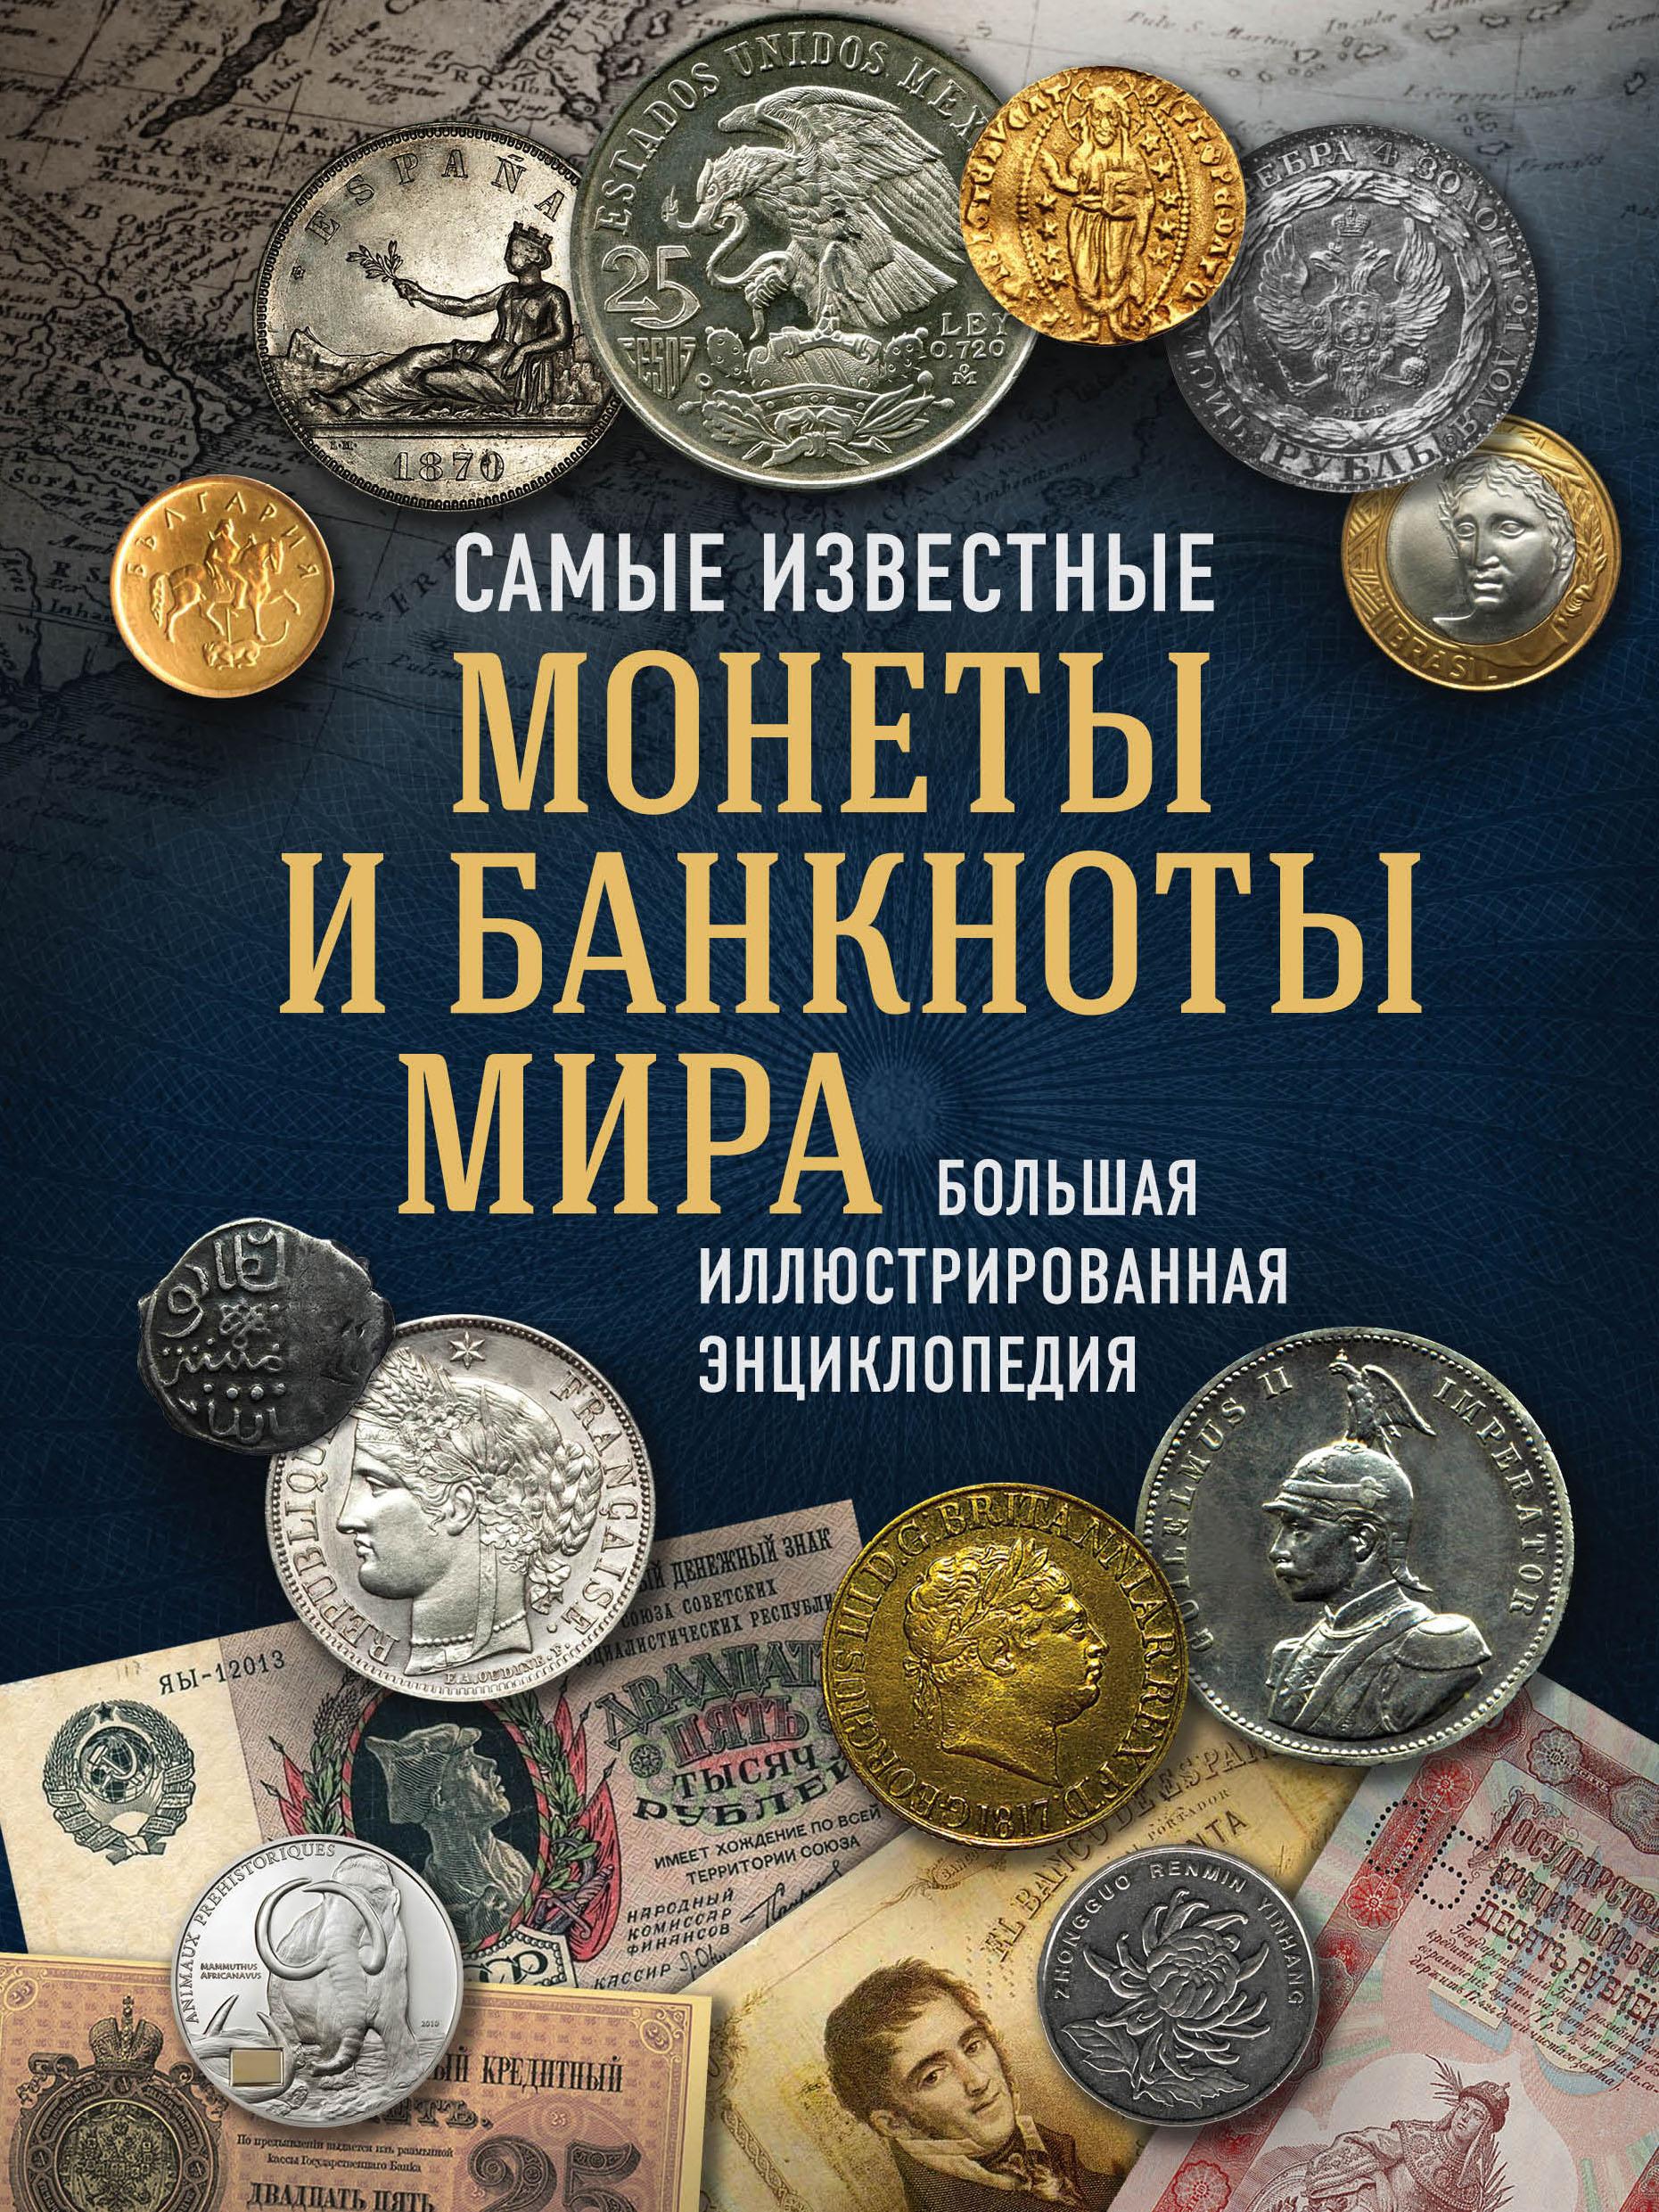 Купить книгу Самые известные монеты и банкноты мира. Большая иллюстрированная энциклопедия, автора Игоря Ларина-Подольского